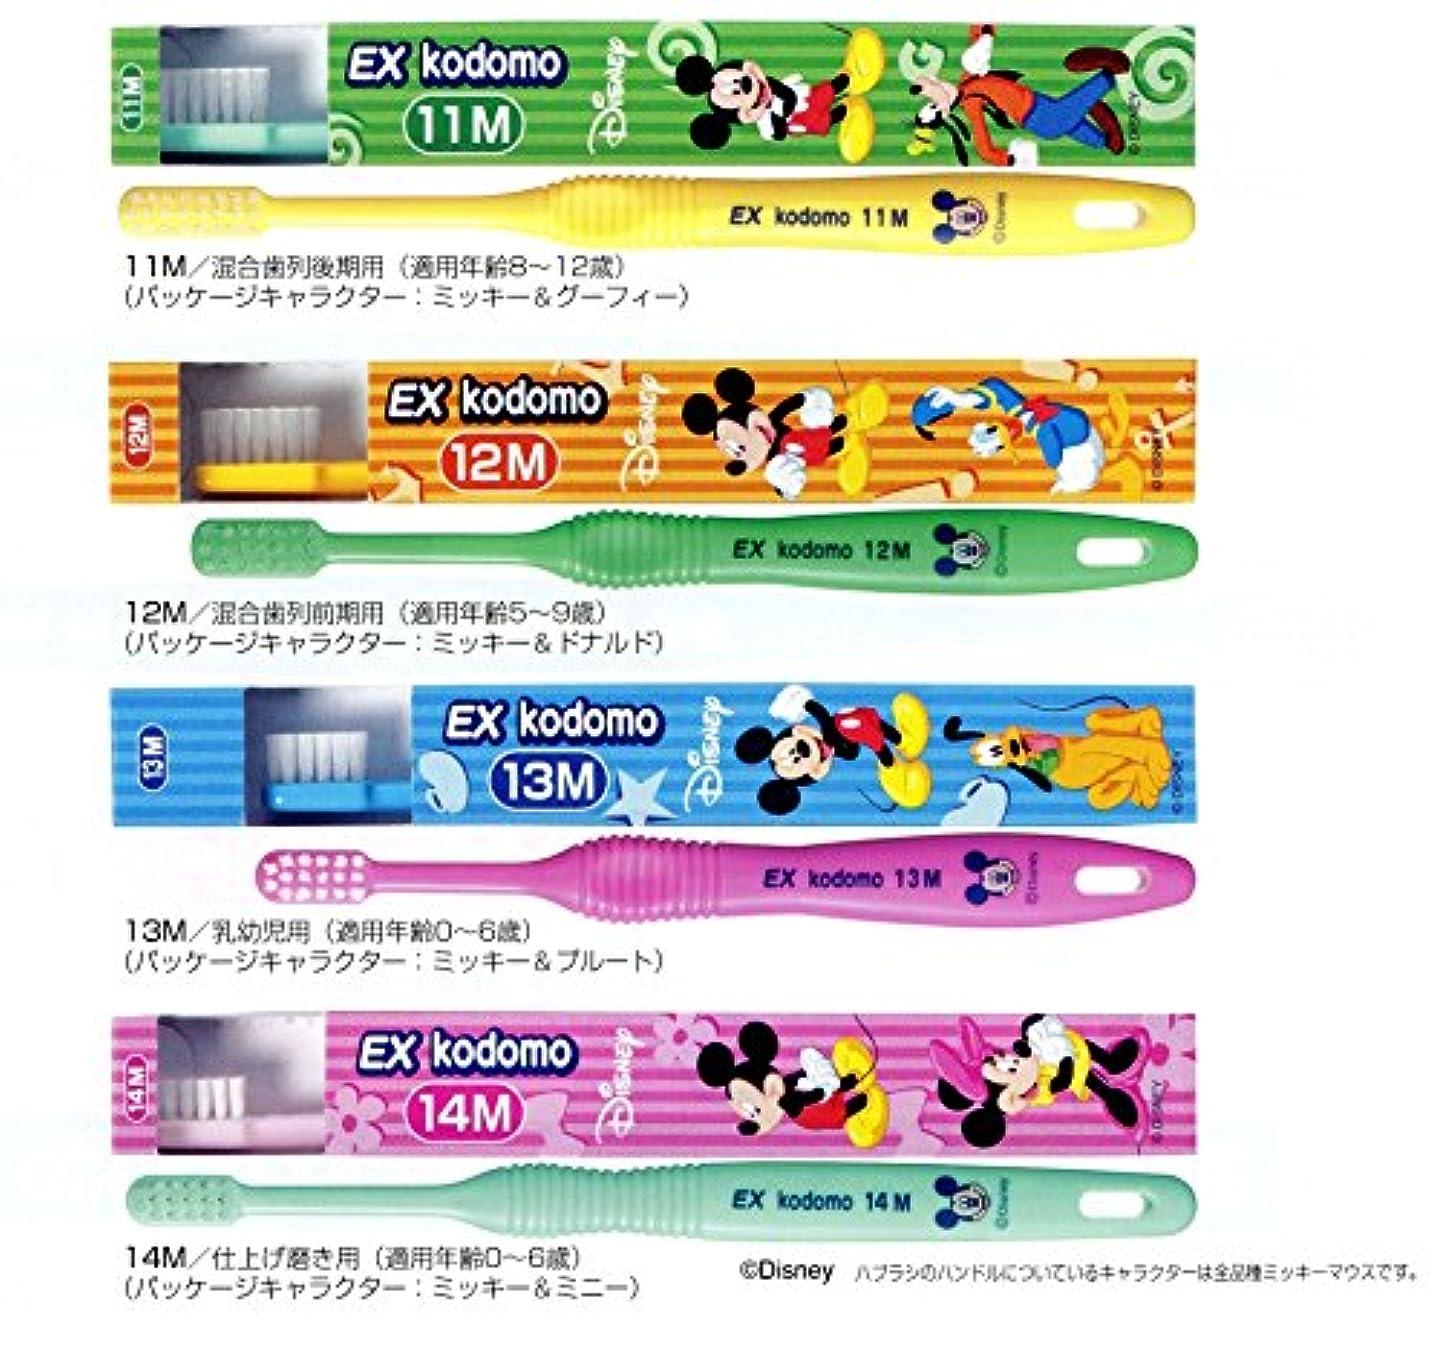 自治的側面不利ライオン コドモ ディズニー DENT.EX kodomo Disney 1本 12M グリーン (5?9歳)